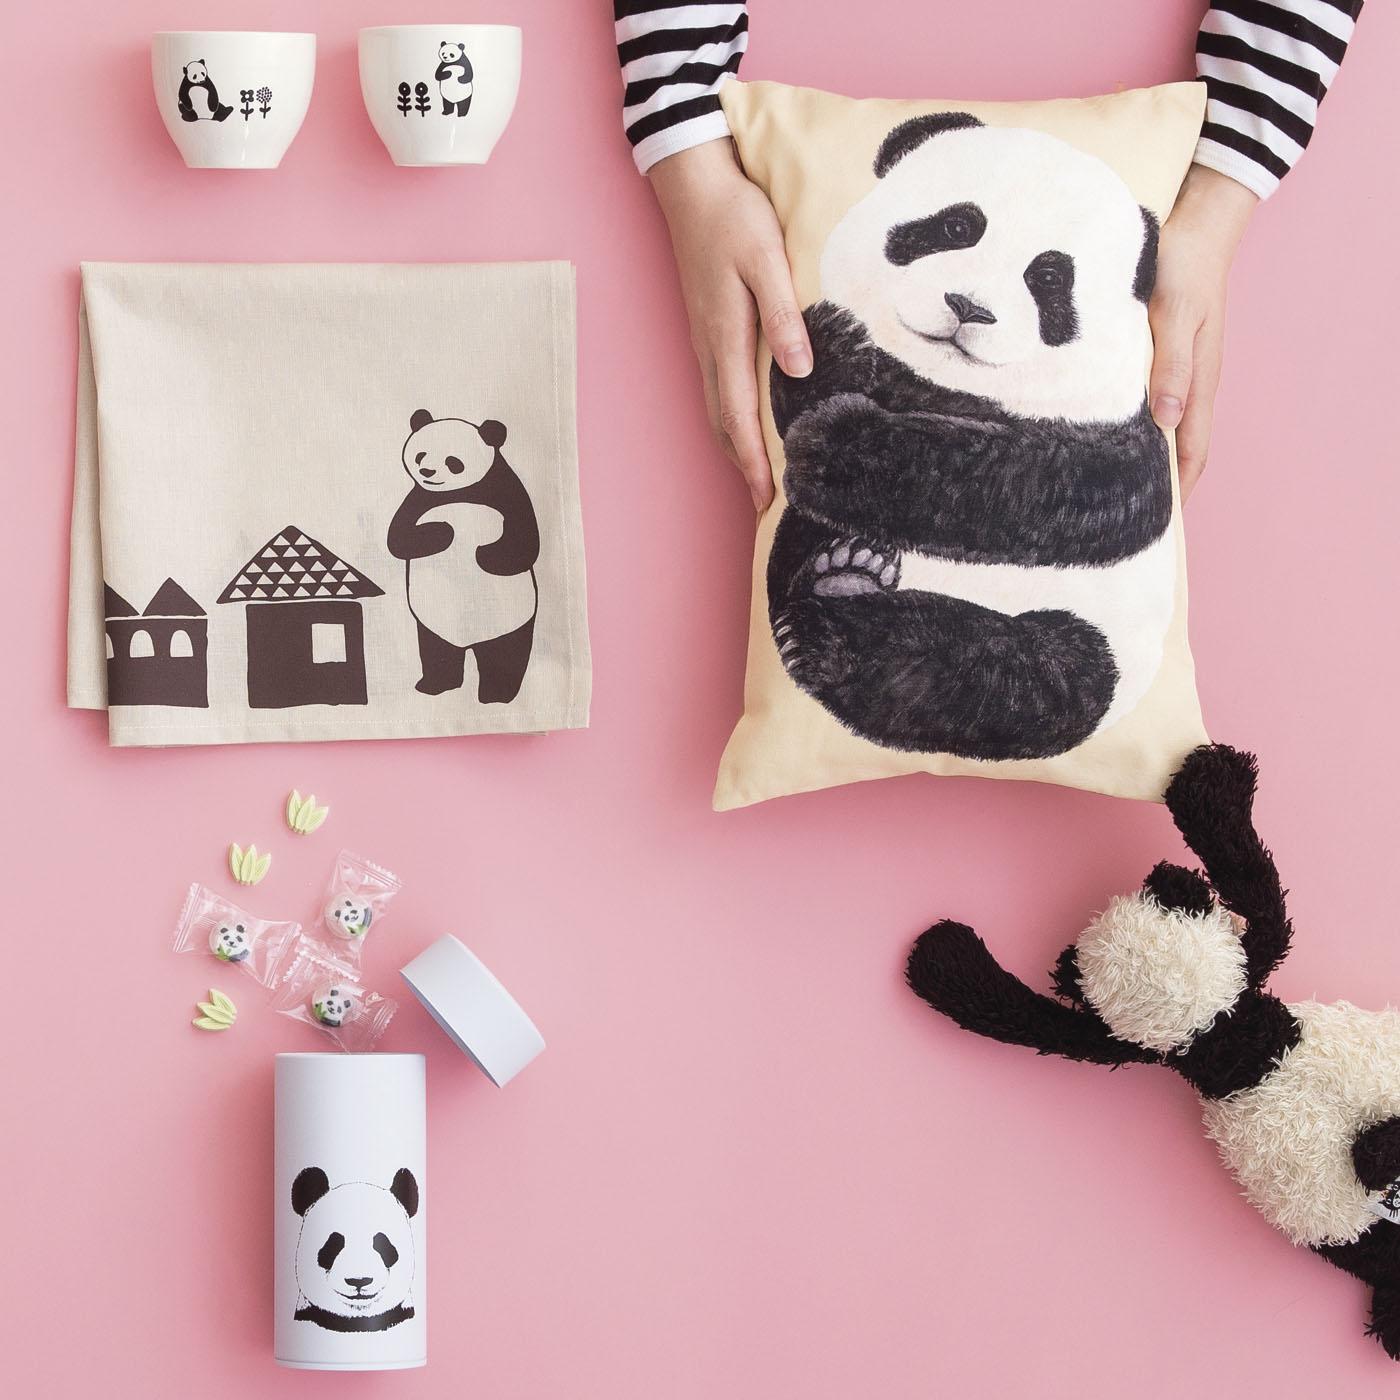 かわいい&モノトーンのバランスが魅力!なパンダ雑貨は集めて楽しい! ※キャンディー、ぬいぐるみはお届け内容に含まれません。